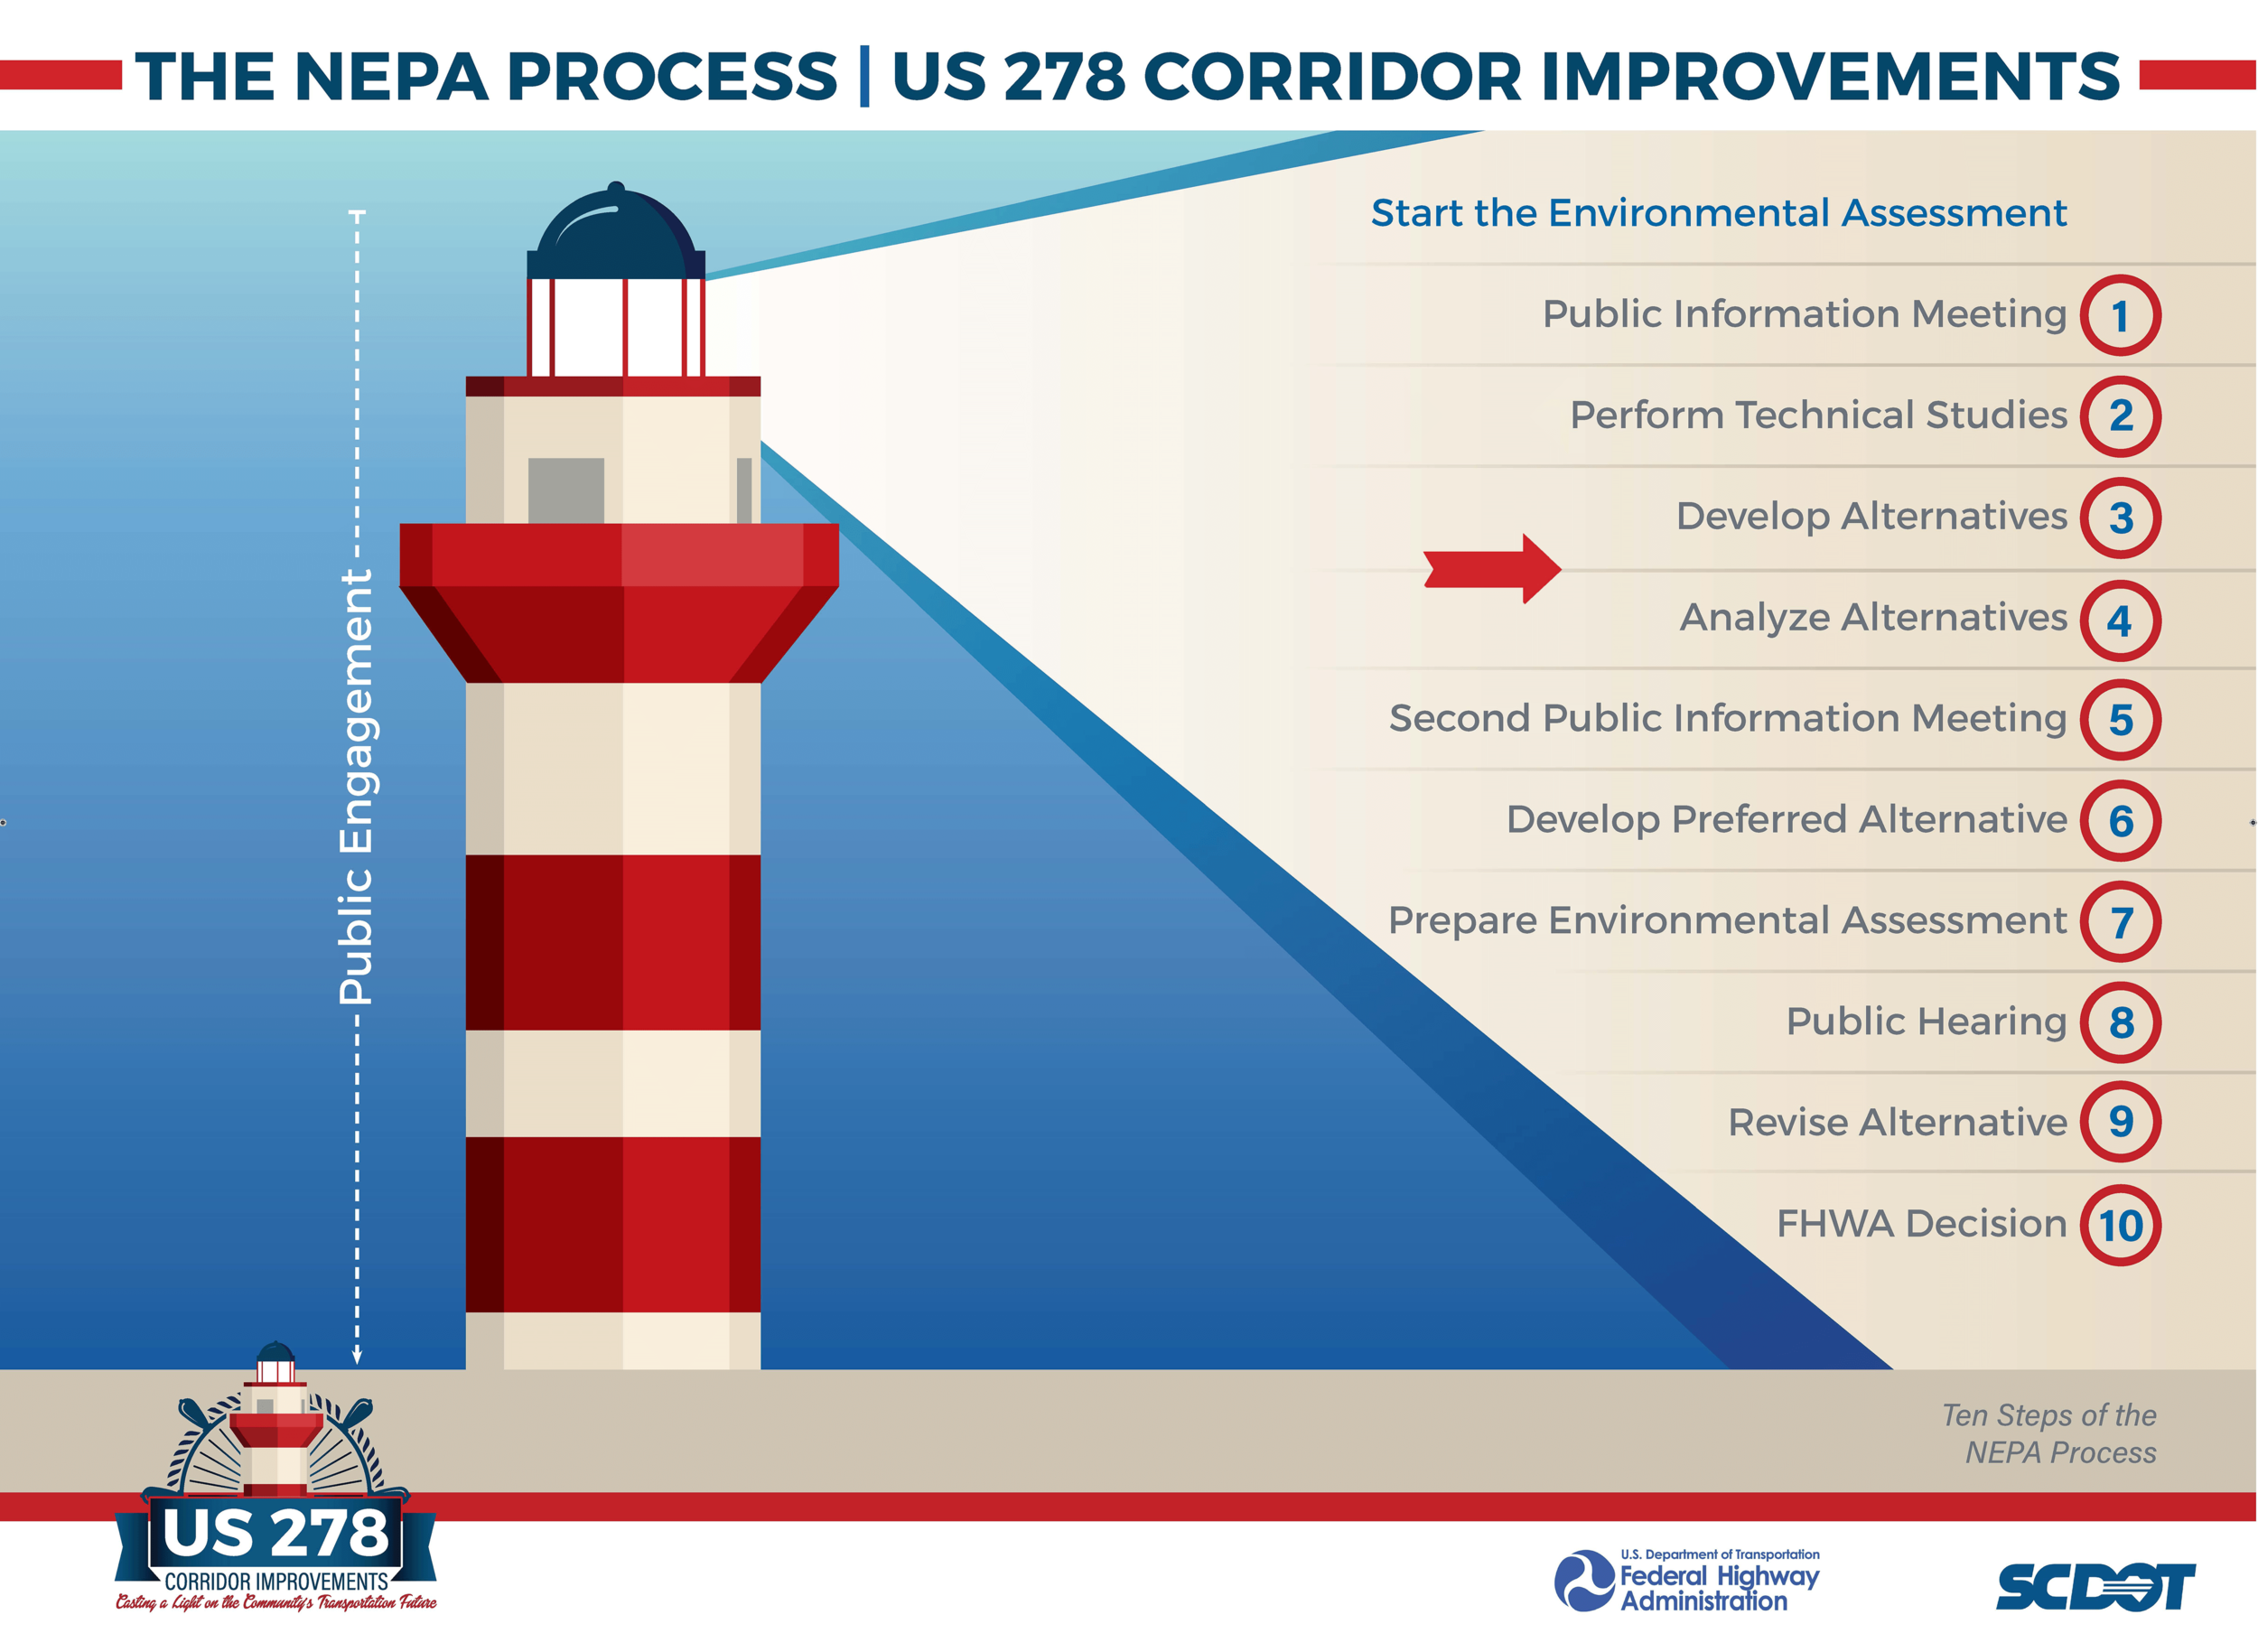 SCDOT_US278_48x36 Board_NEPA Process_2.png